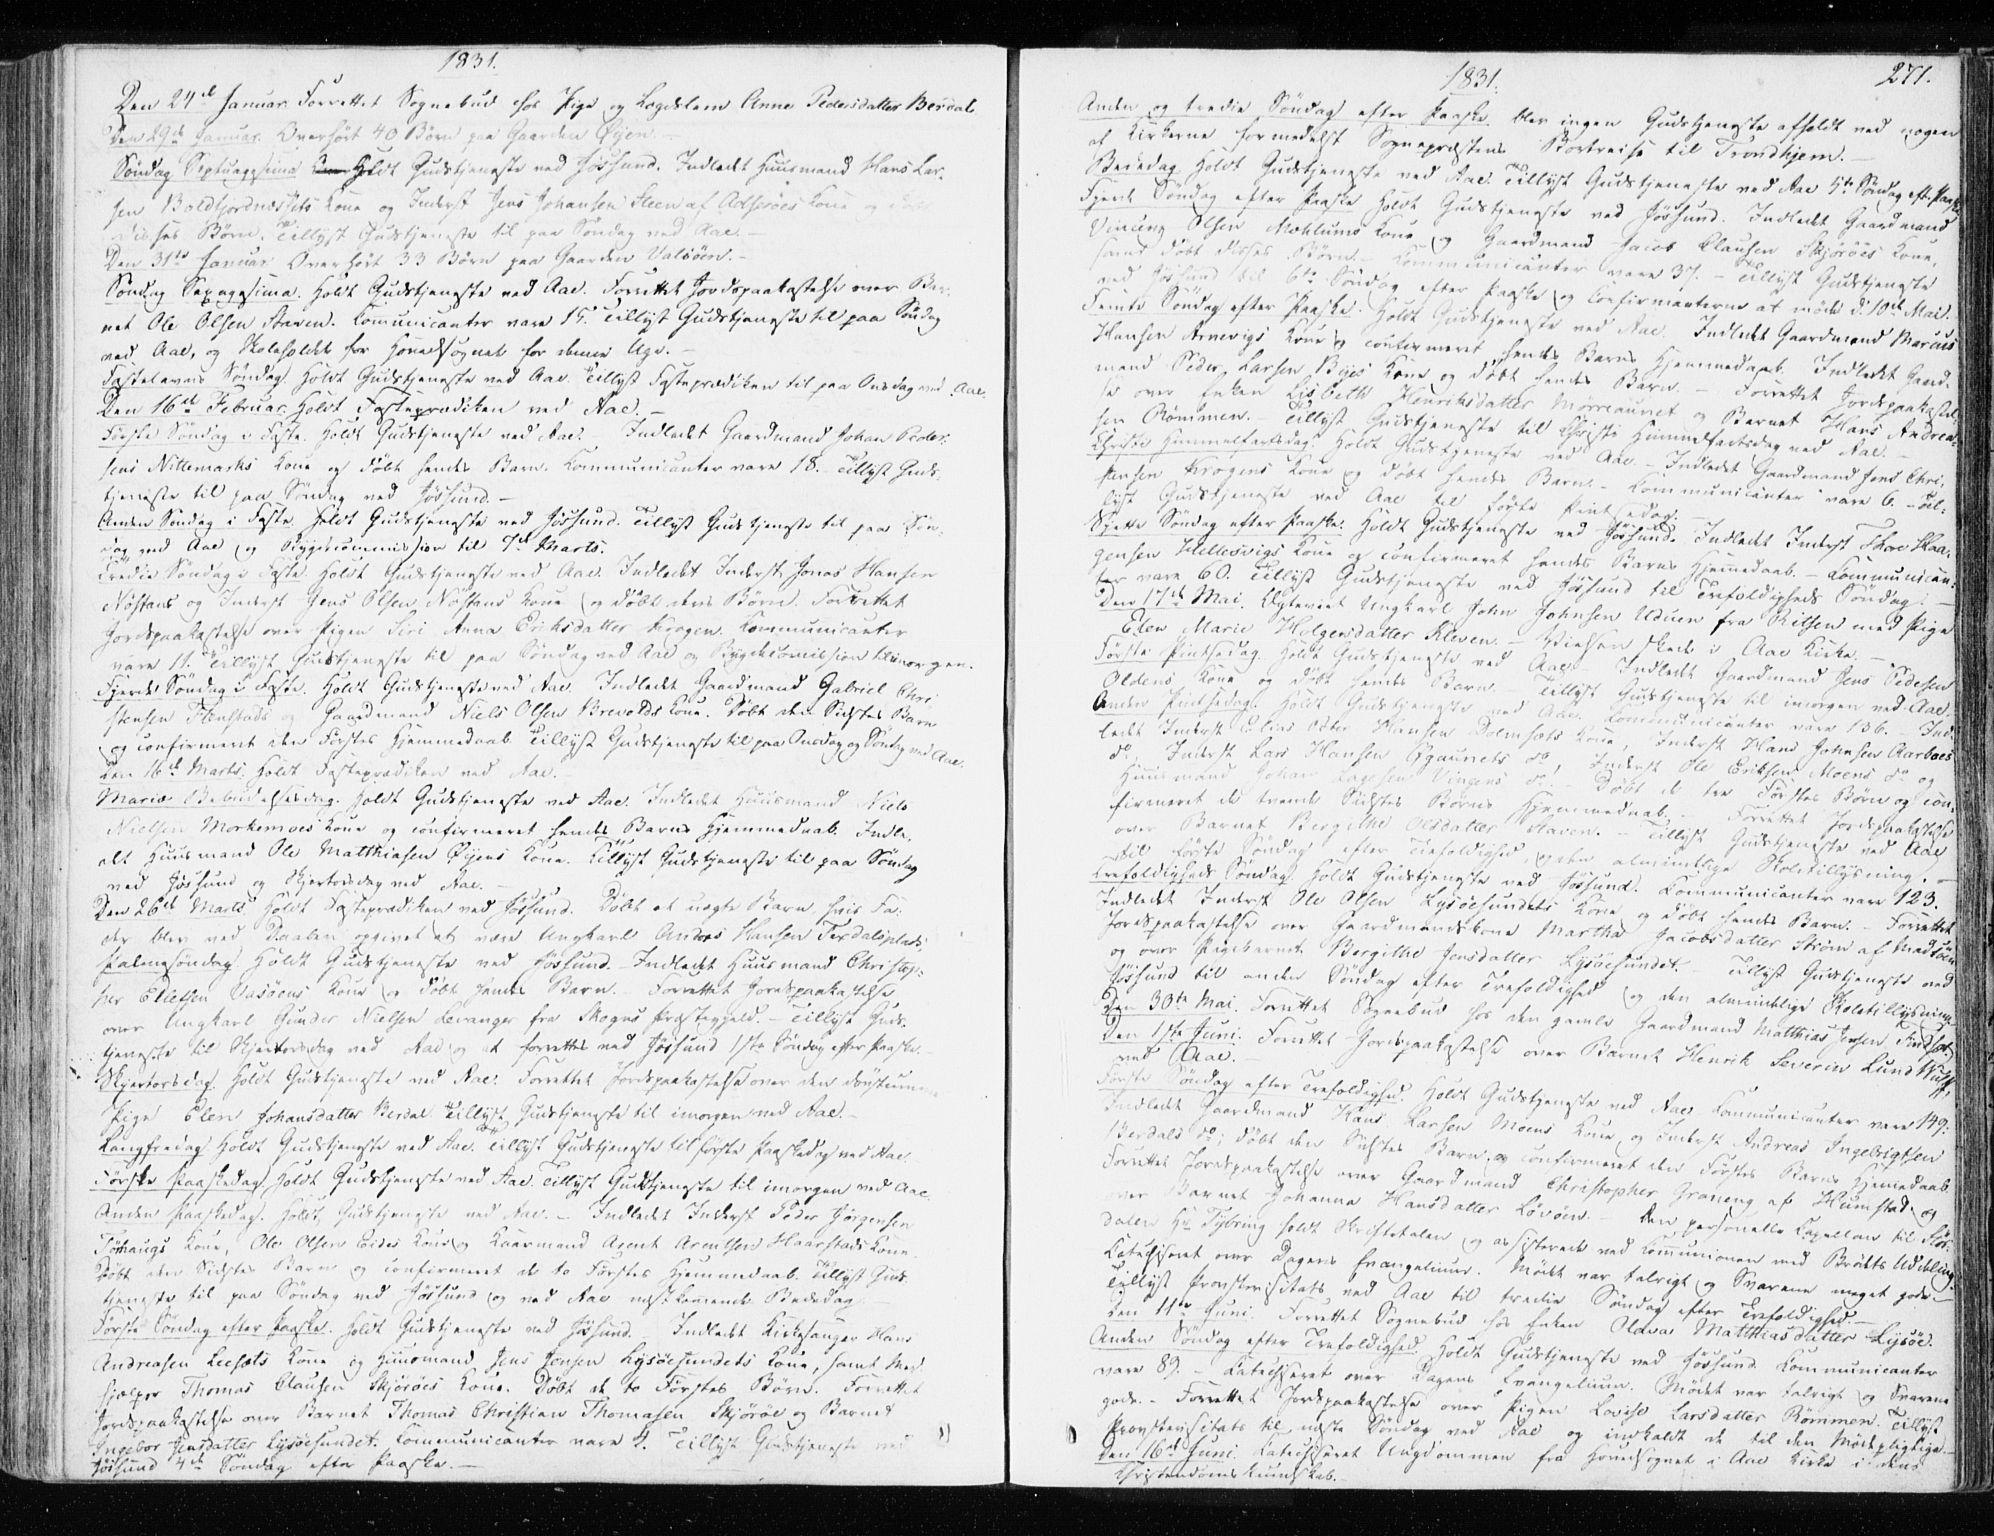 SAT, Ministerialprotokoller, klokkerbøker og fødselsregistre - Sør-Trøndelag, 655/L0676: Ministerialbok nr. 655A05, 1830-1847, s. 271